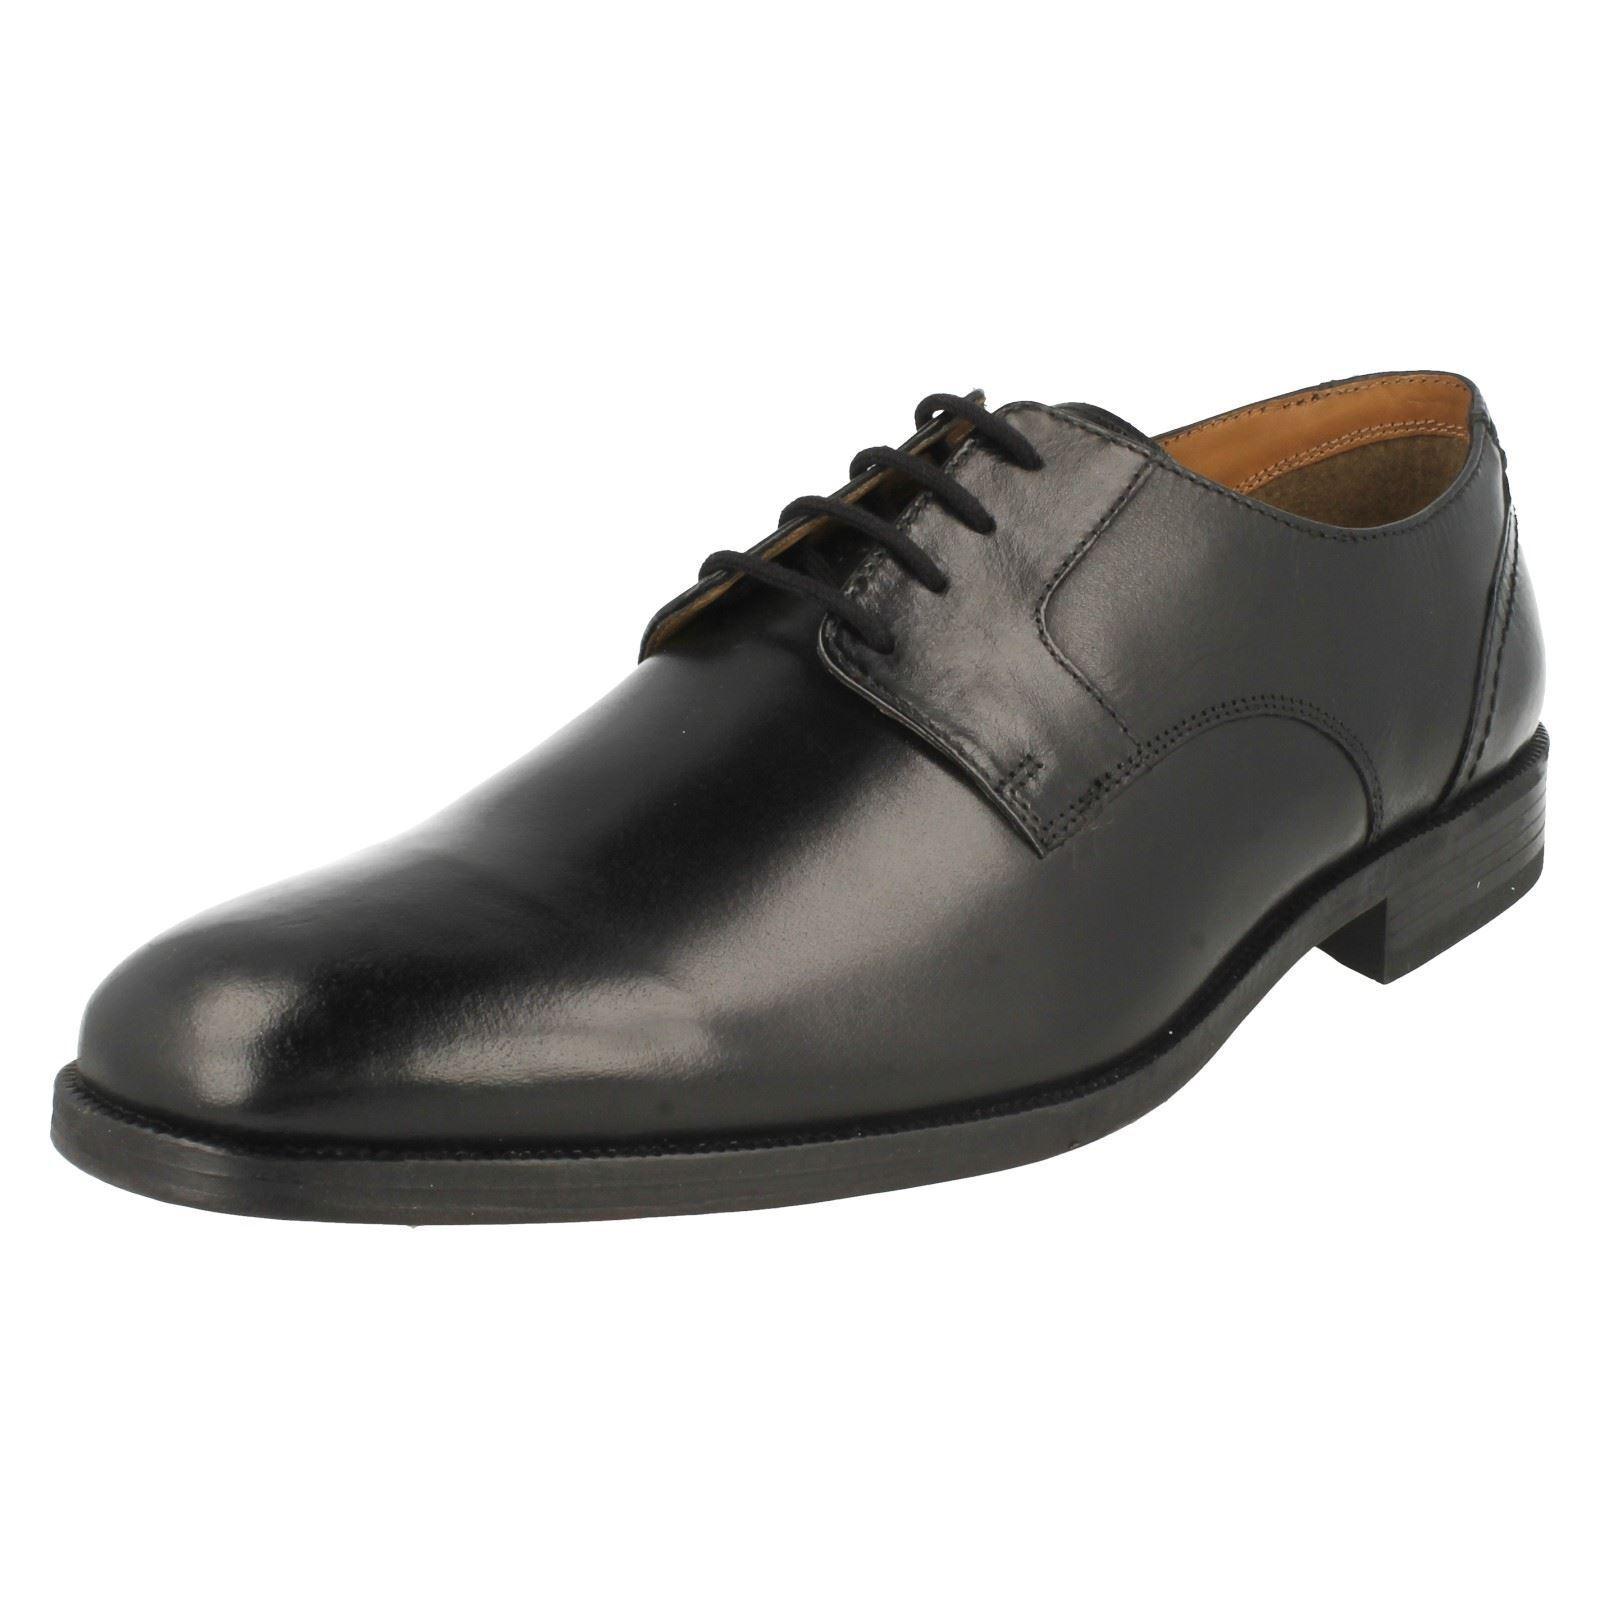 Hombre Clarks ADHESIVO Zapatos Con Cordones THE STYLE CIERRE ADHESIVO Clarks Primavera ~ N aa0280